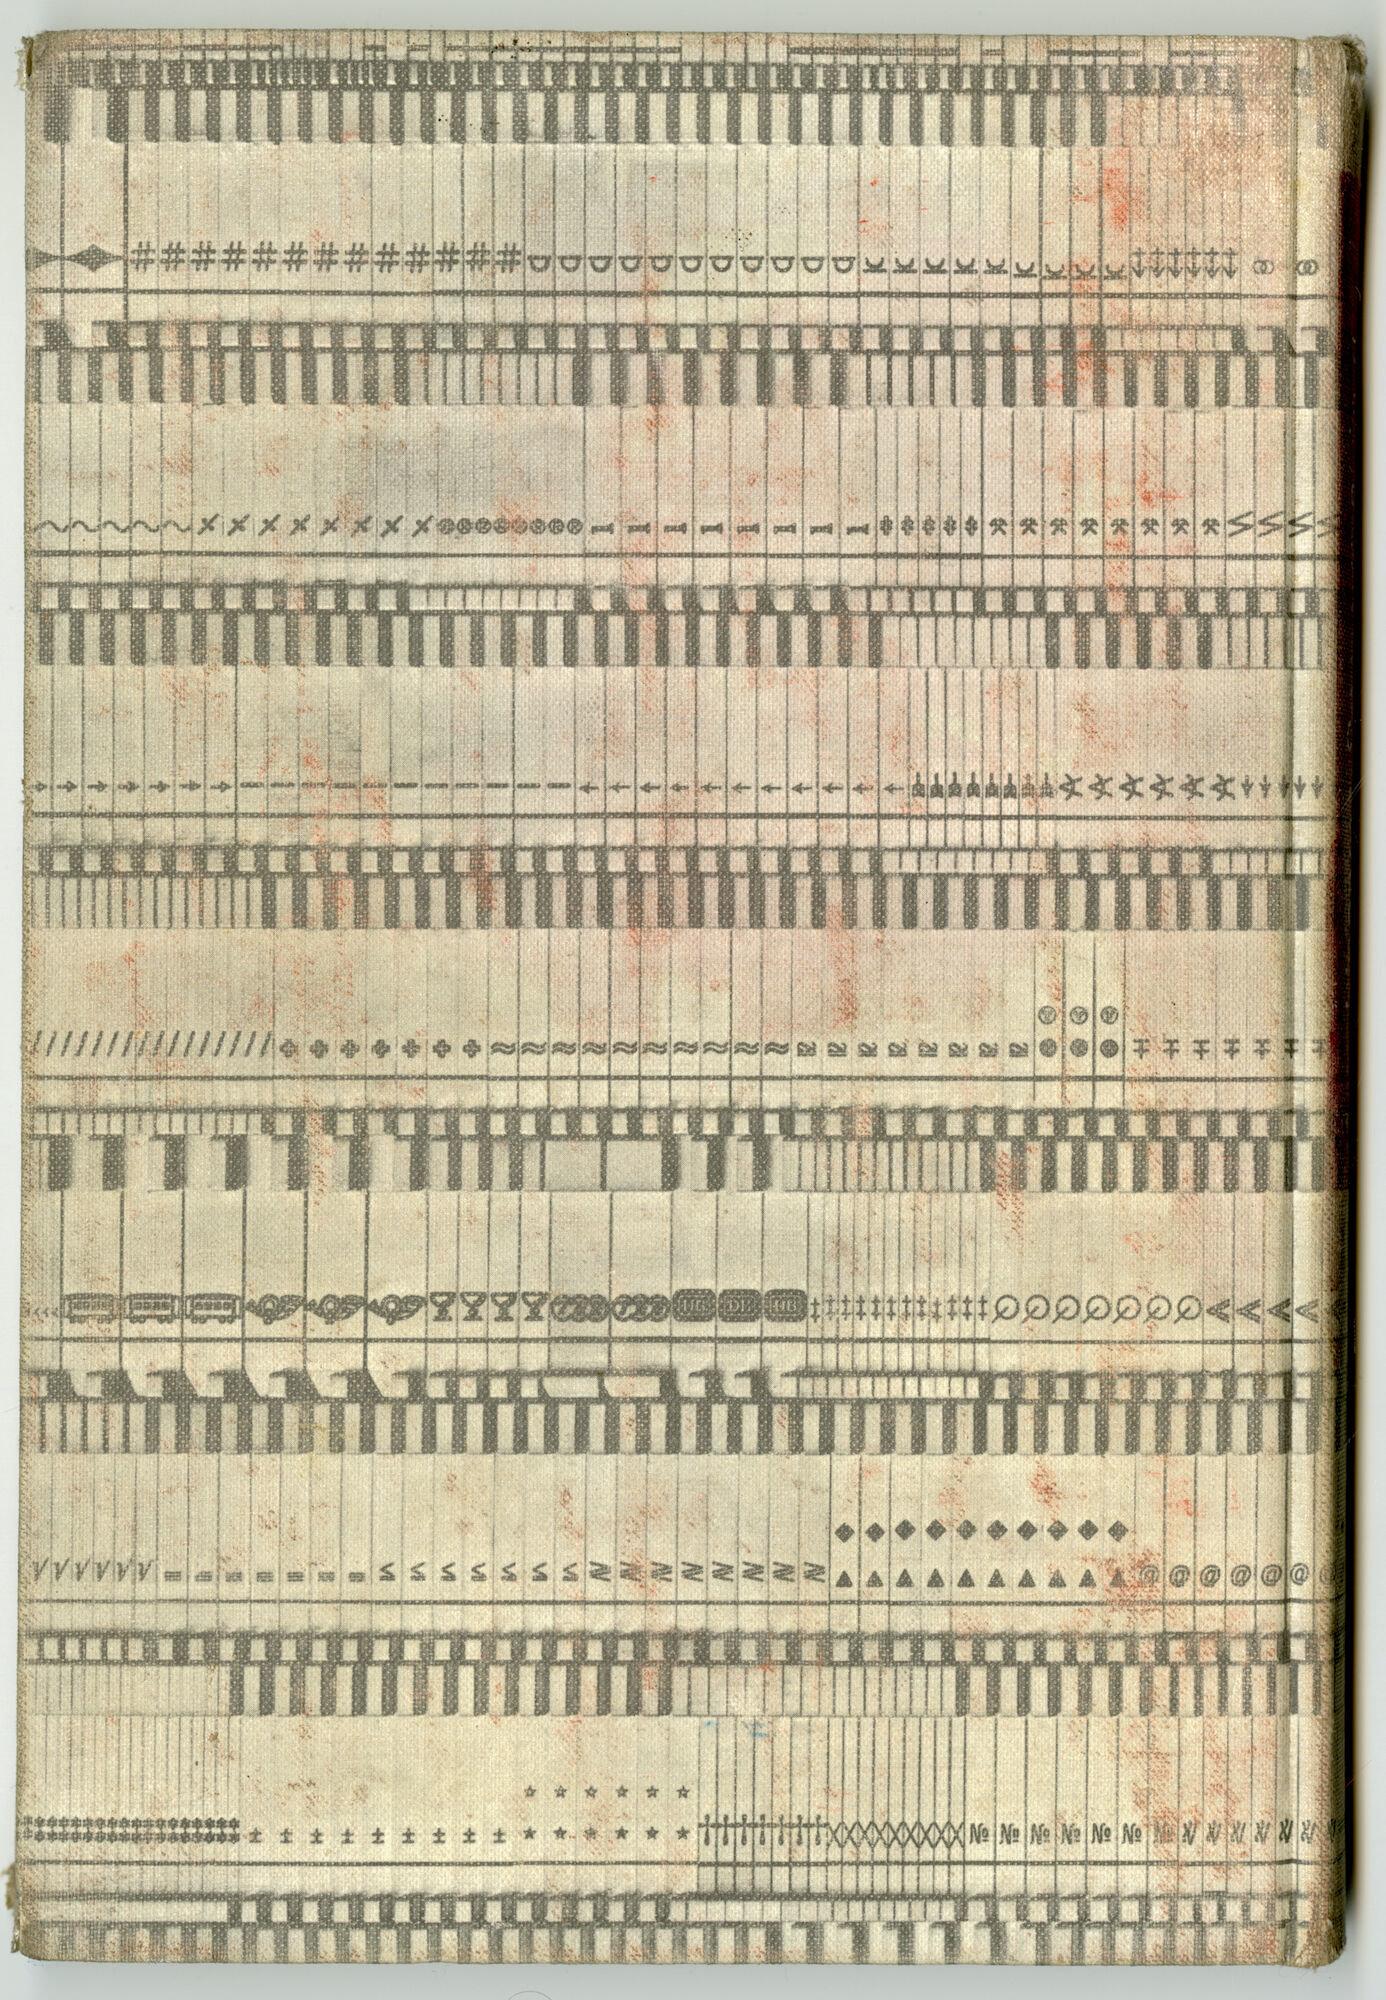 Letterproef met speciale tekens van Linotype